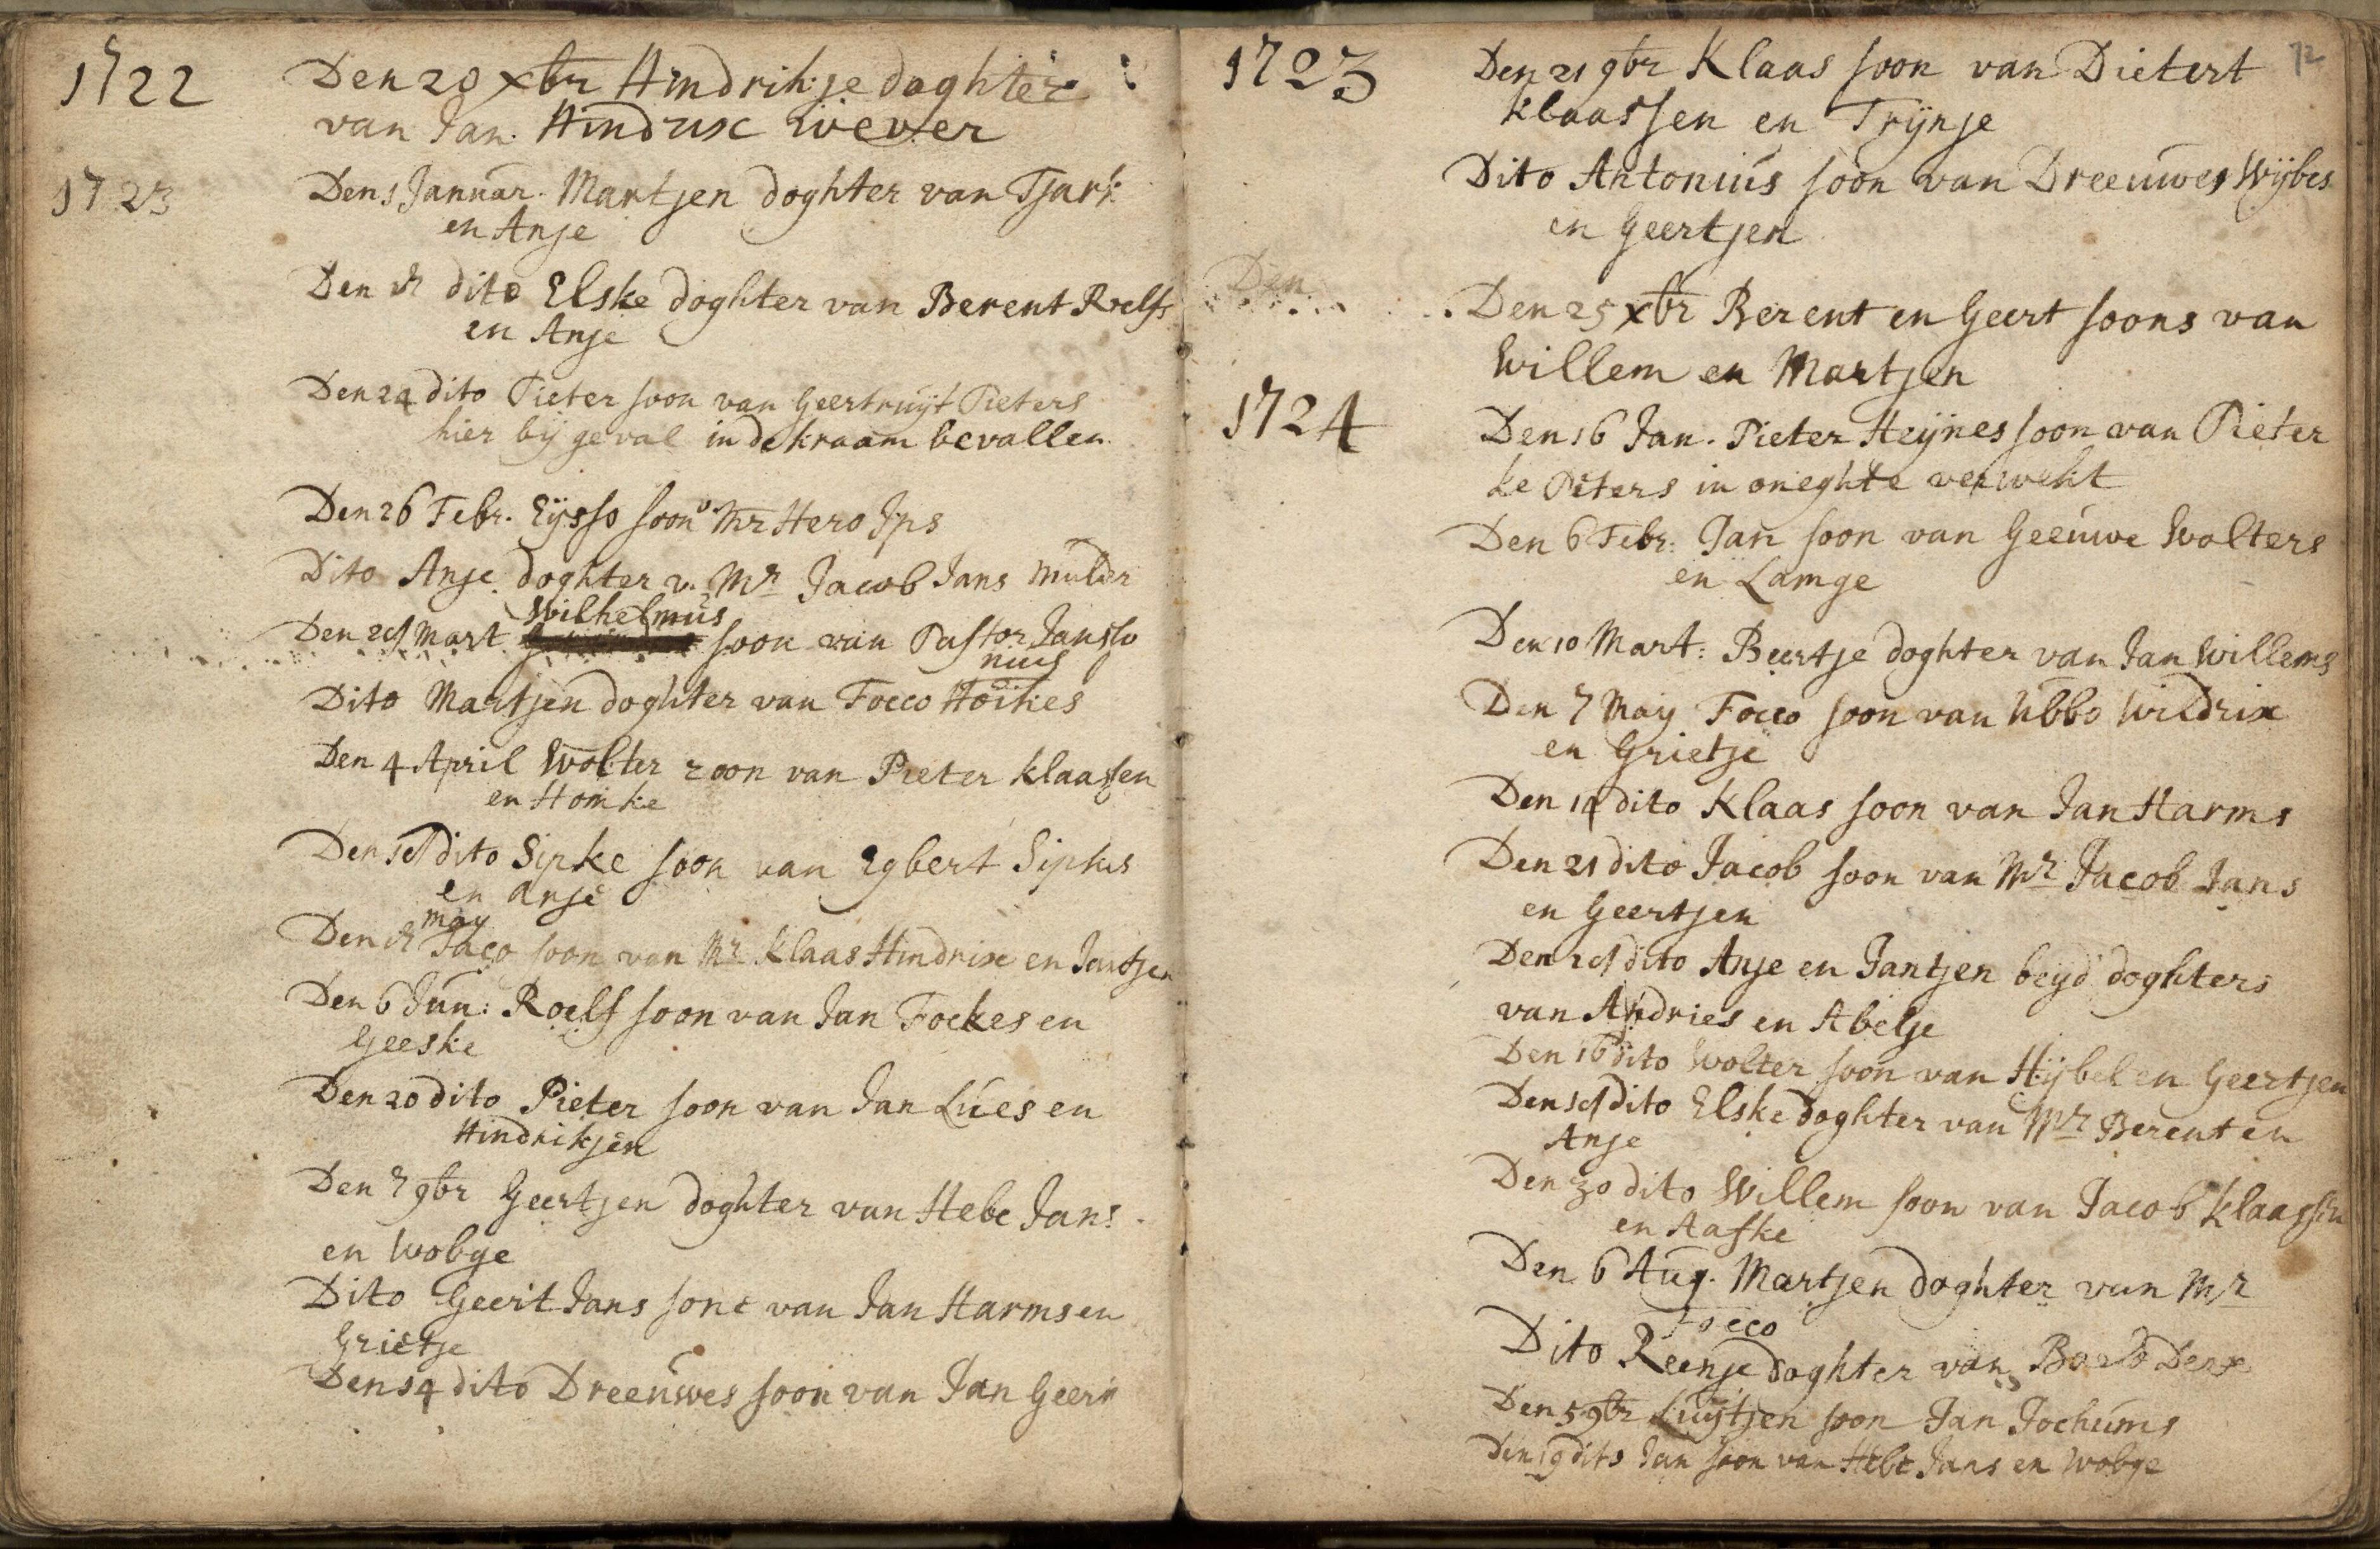 1501 Doopinschrijving Focco Ubbes 7 mei